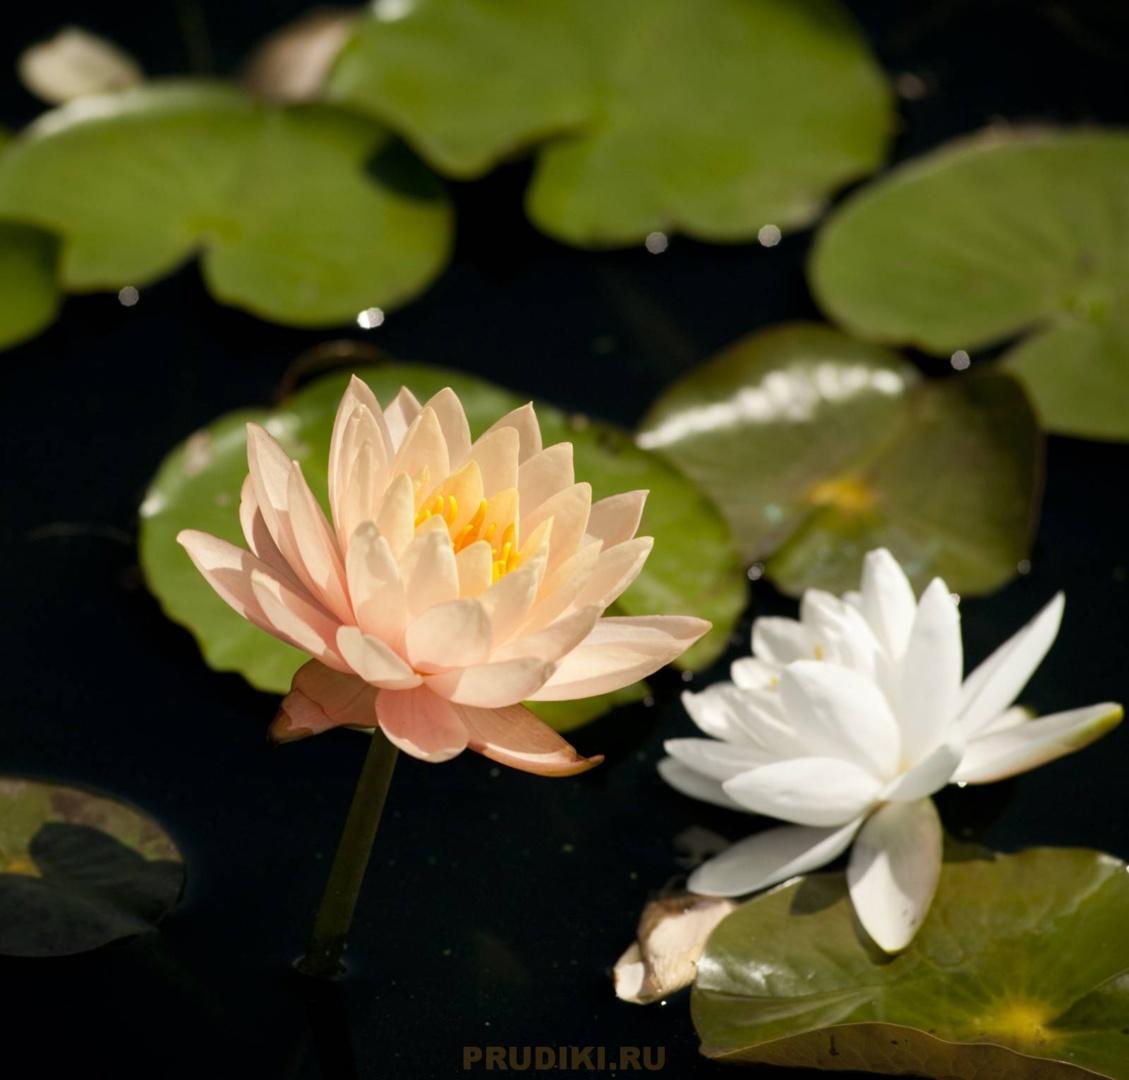 Кувшинки или водные лилии - Лучшие растения для украшения водоёма! Как сажать водные лилии?